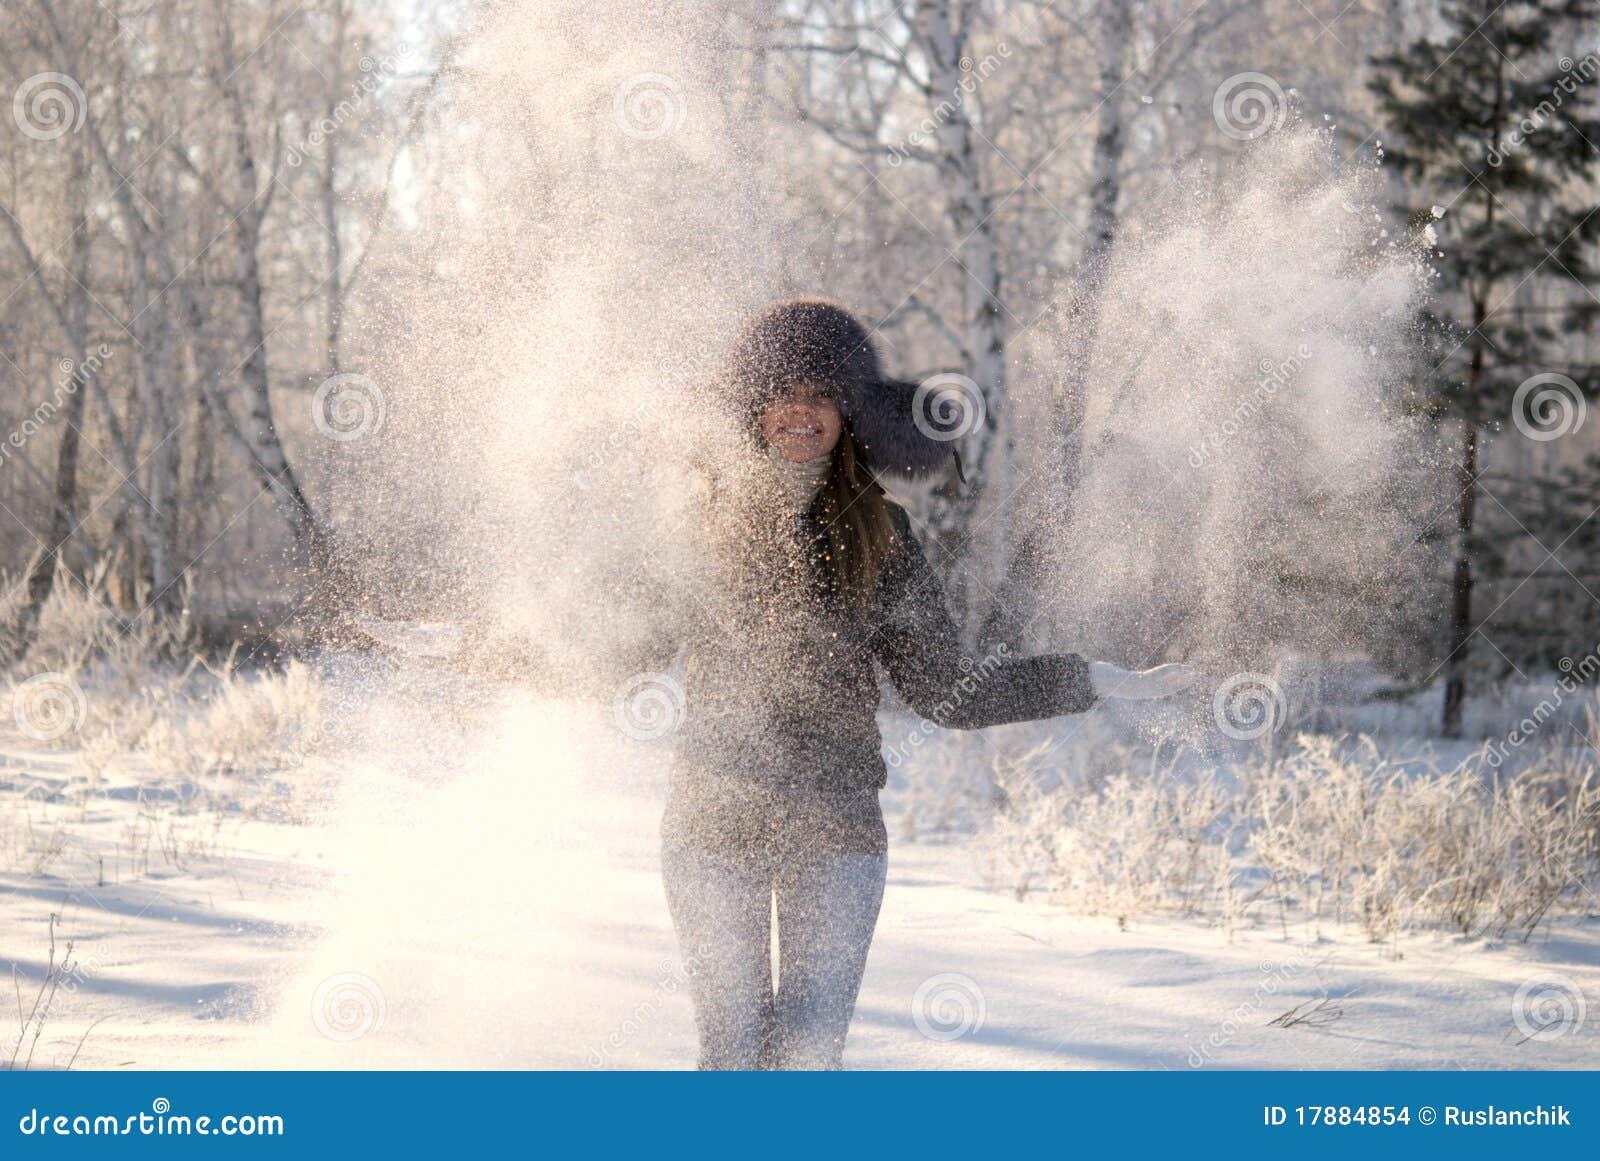 随风飘飞的雪